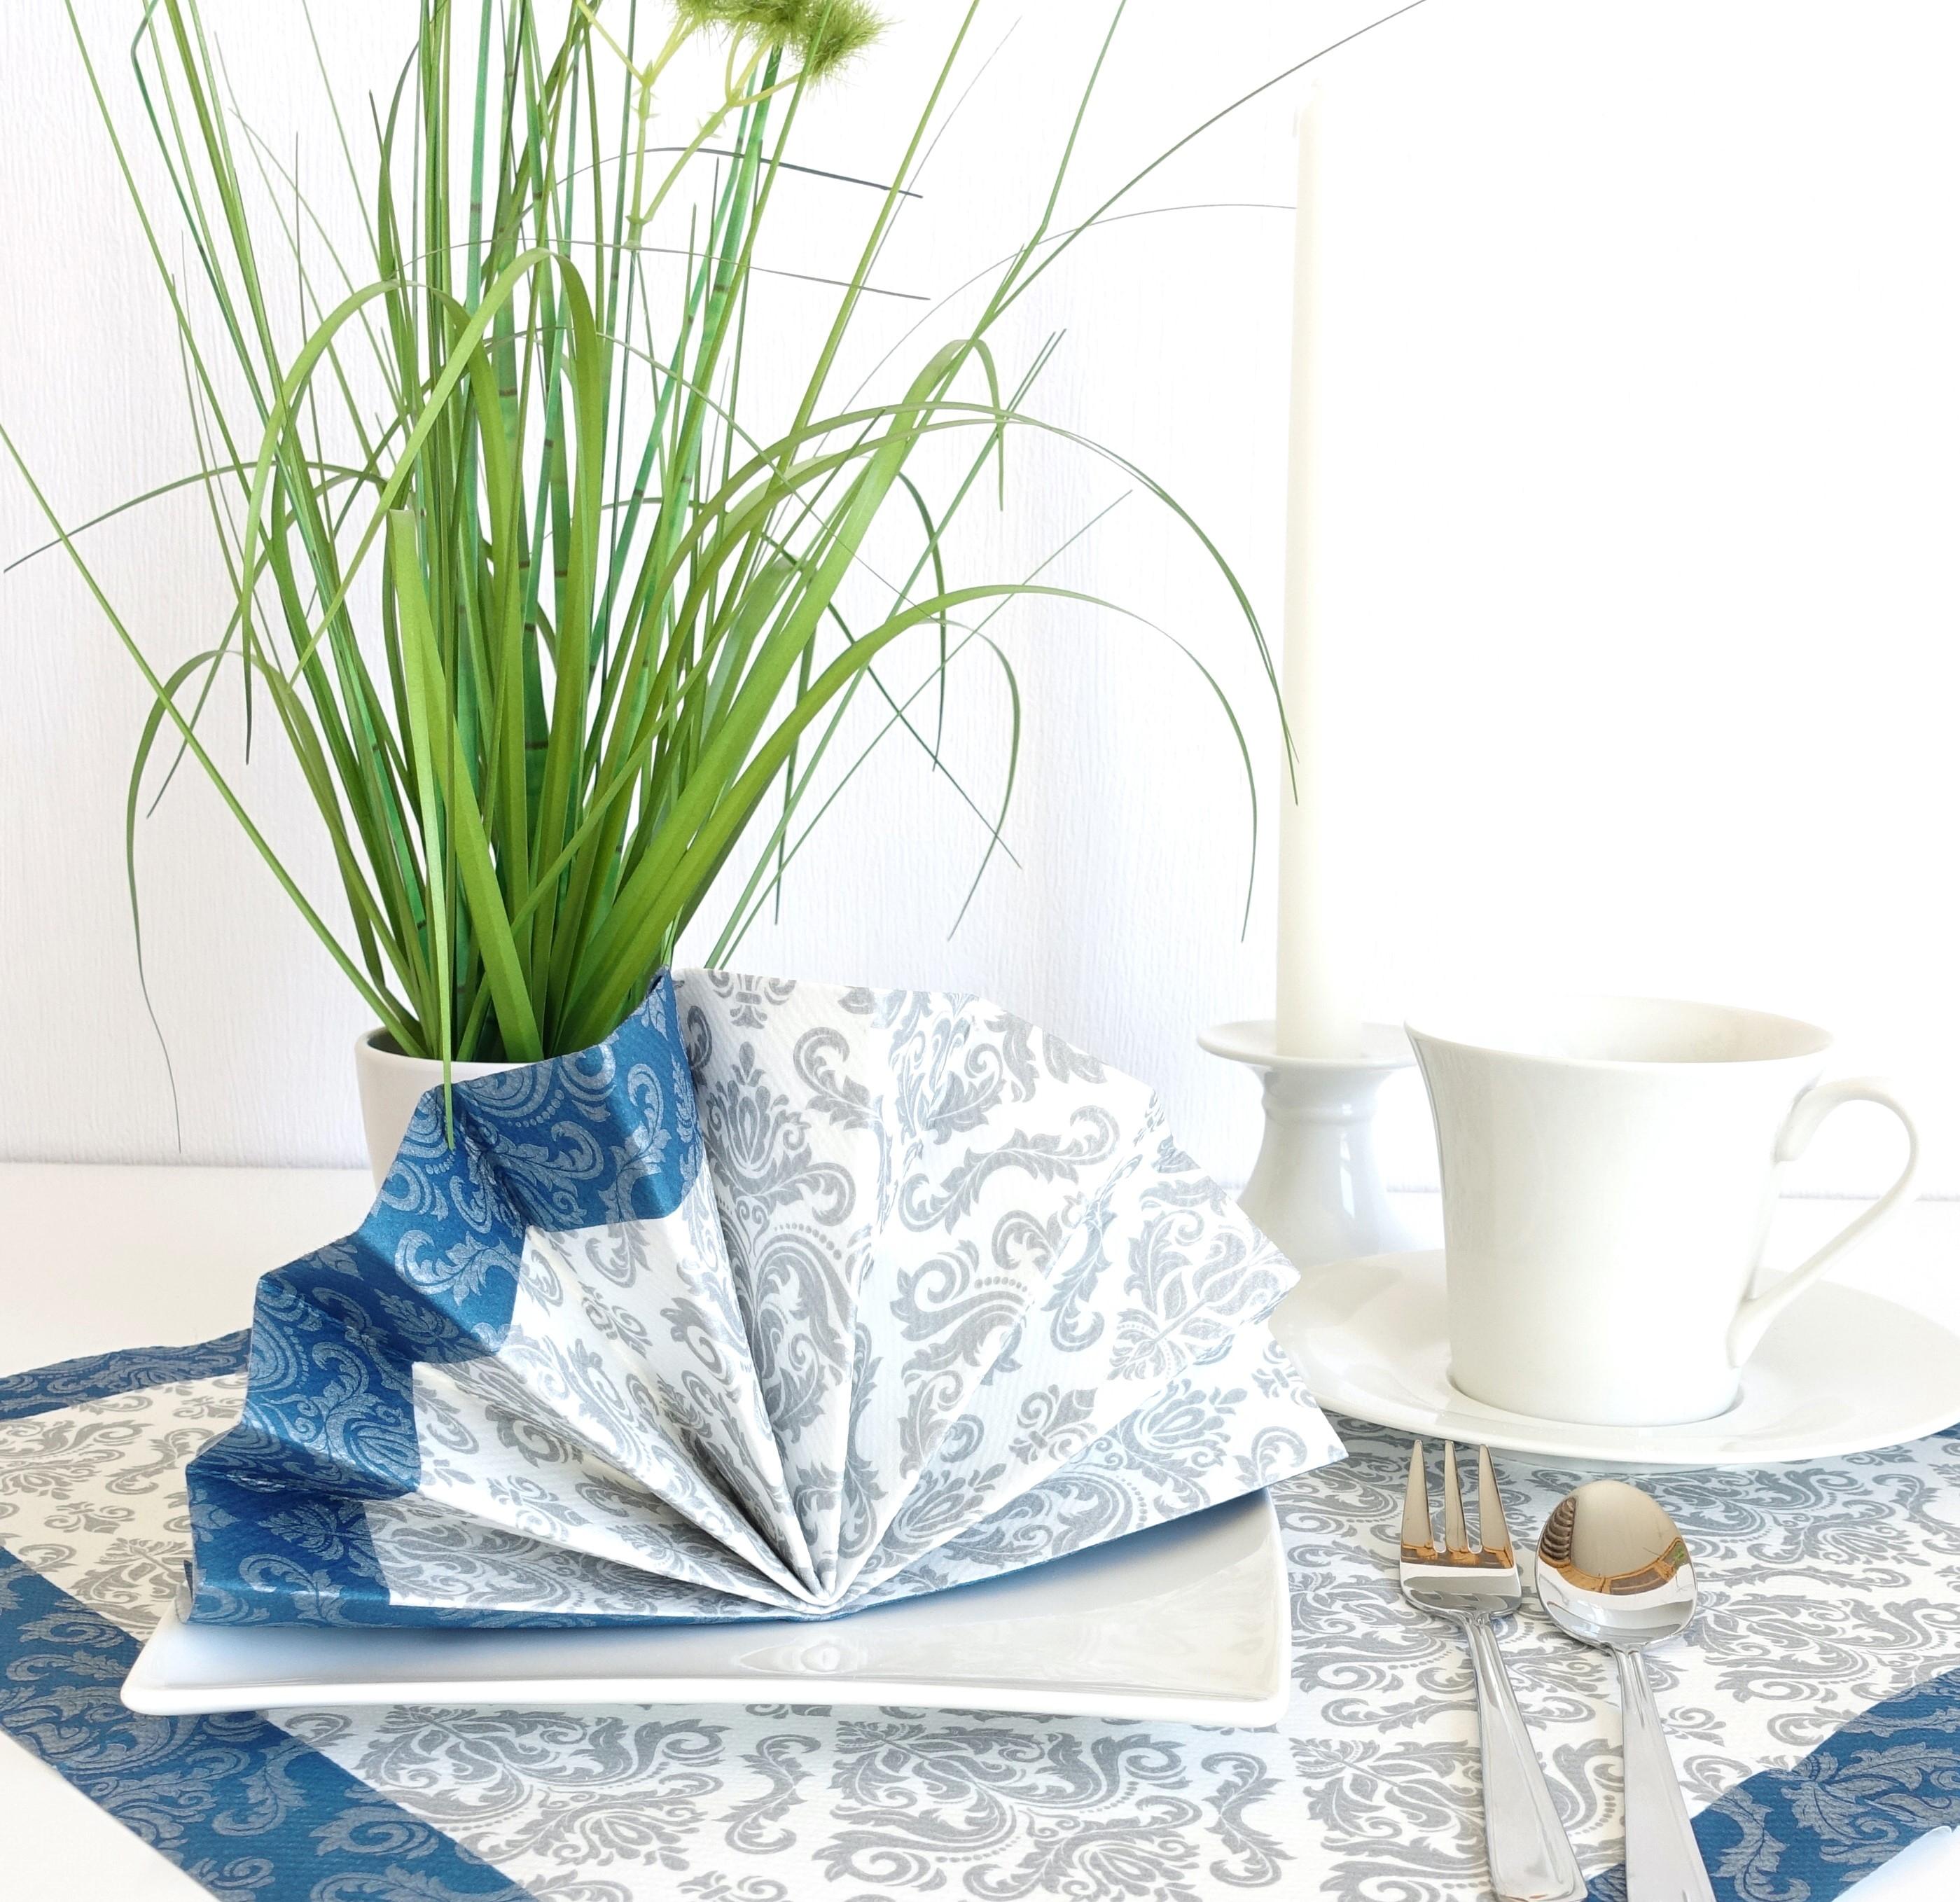 Festliche Serviette in silber und blau